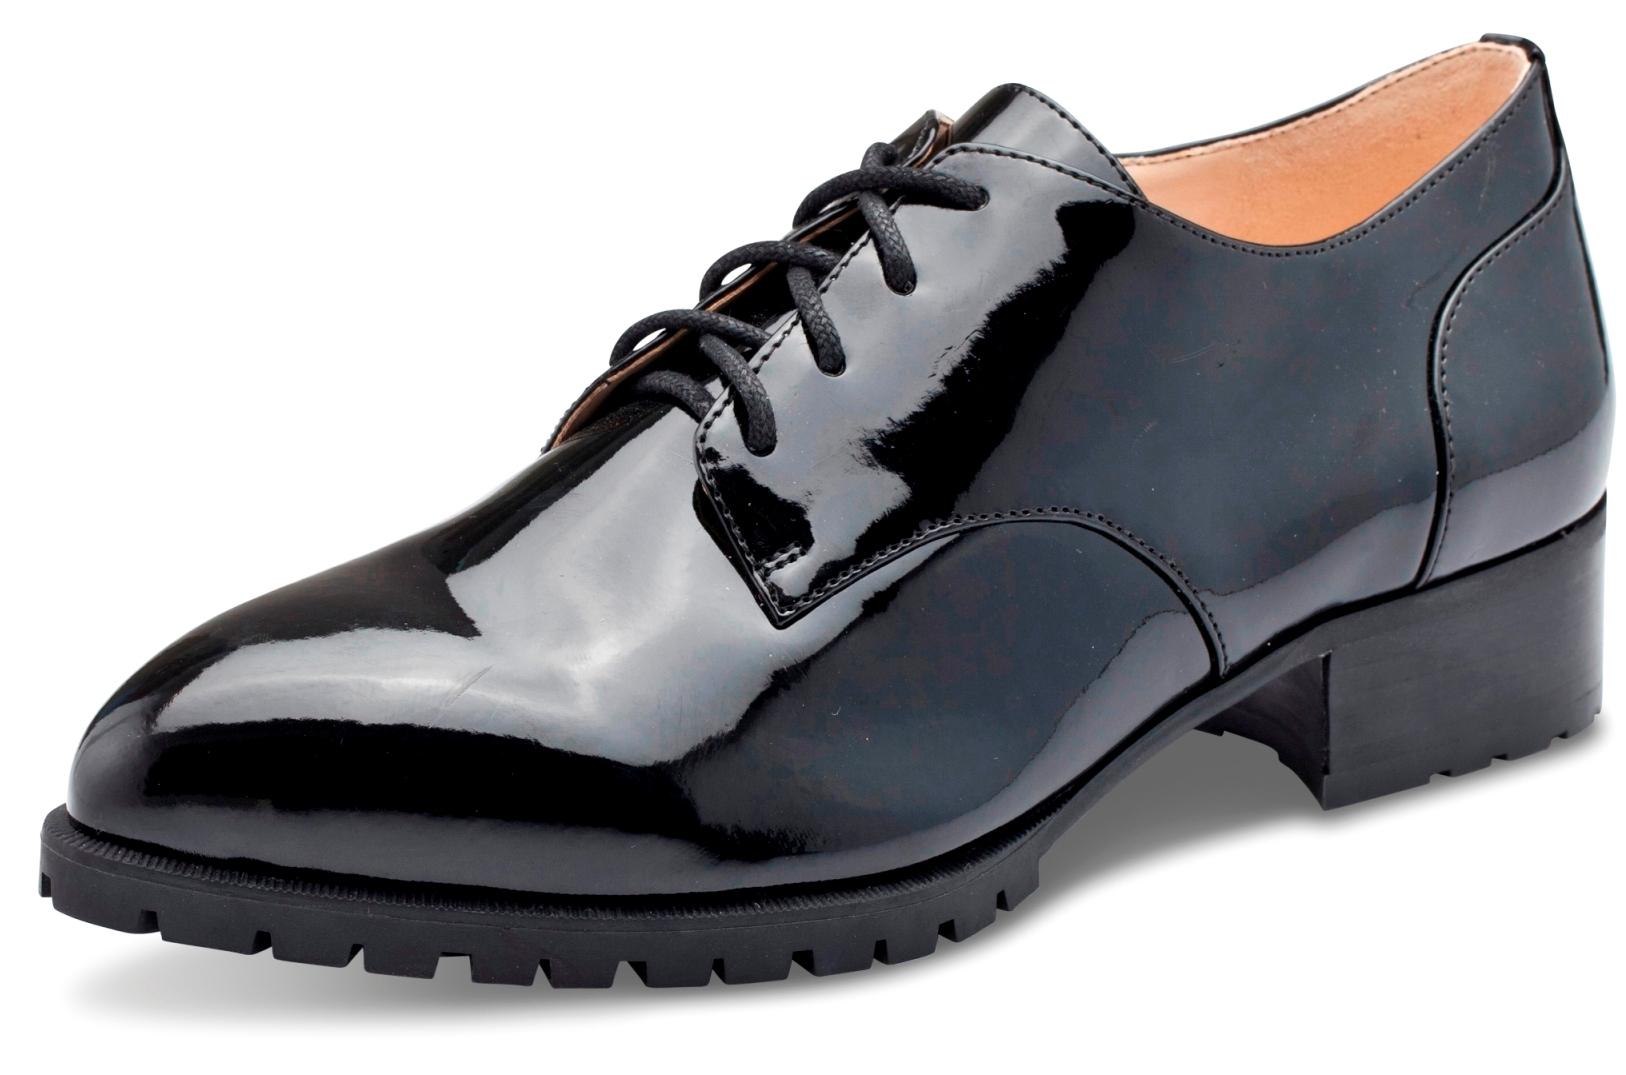 המראה הגברי בנעלי נשים. ניין ווסט. צילום ירון ויינברג